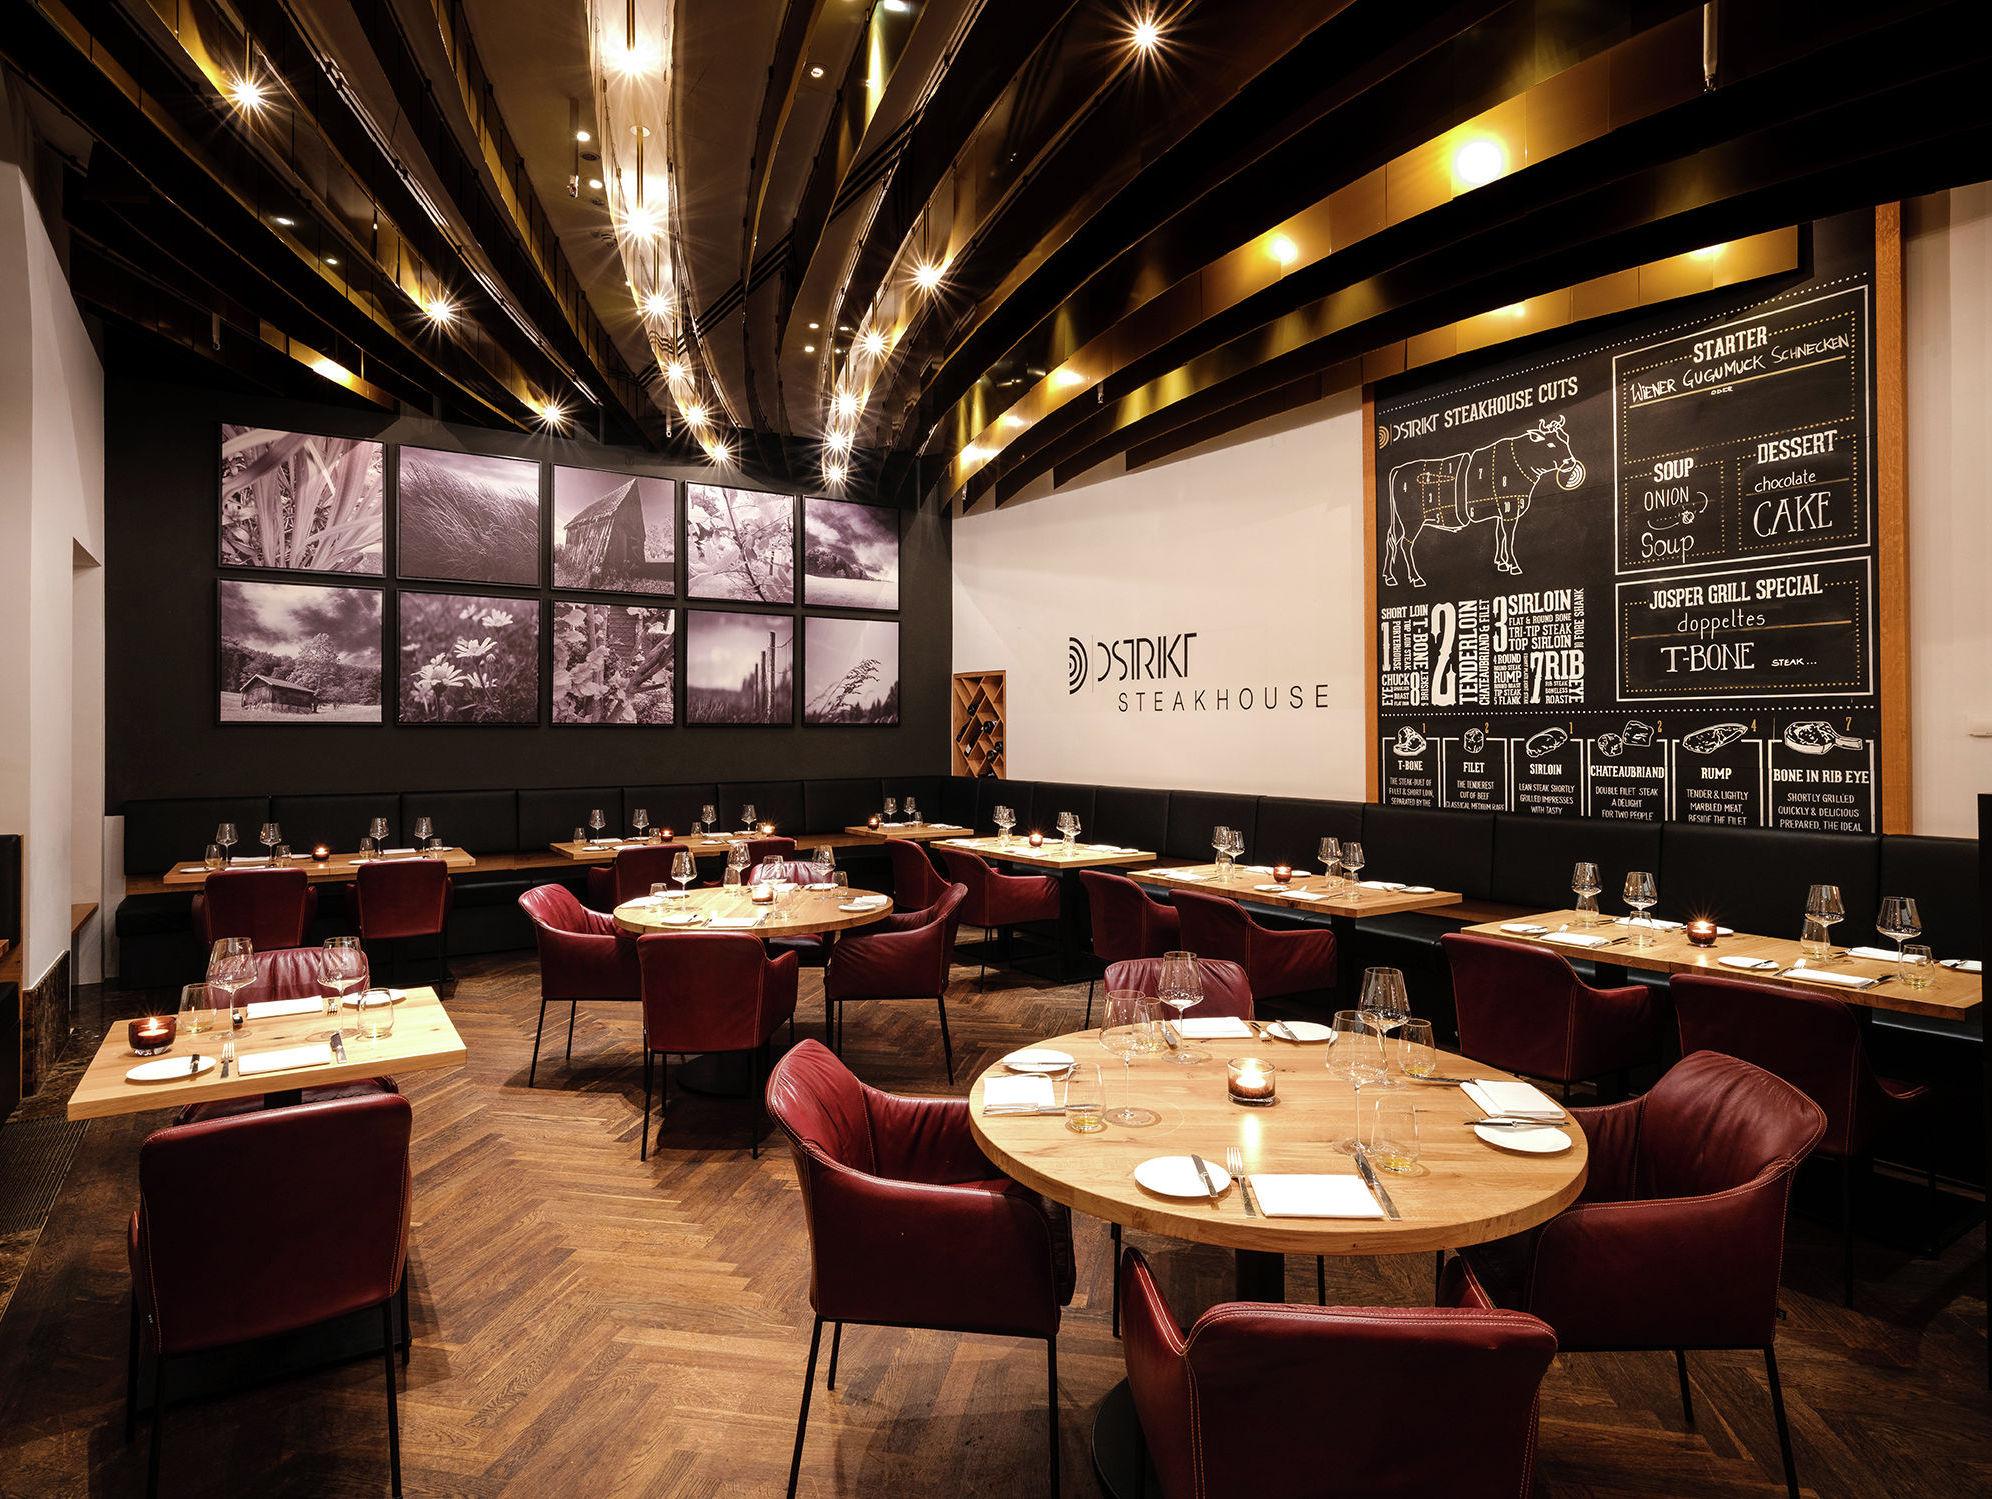 Dstrikt Steakhouse - ресторан, который побалует как классическими австрийскими блюдами, так и авторскими шедеврами от знаменитого шеф-повара Вини Брюггера